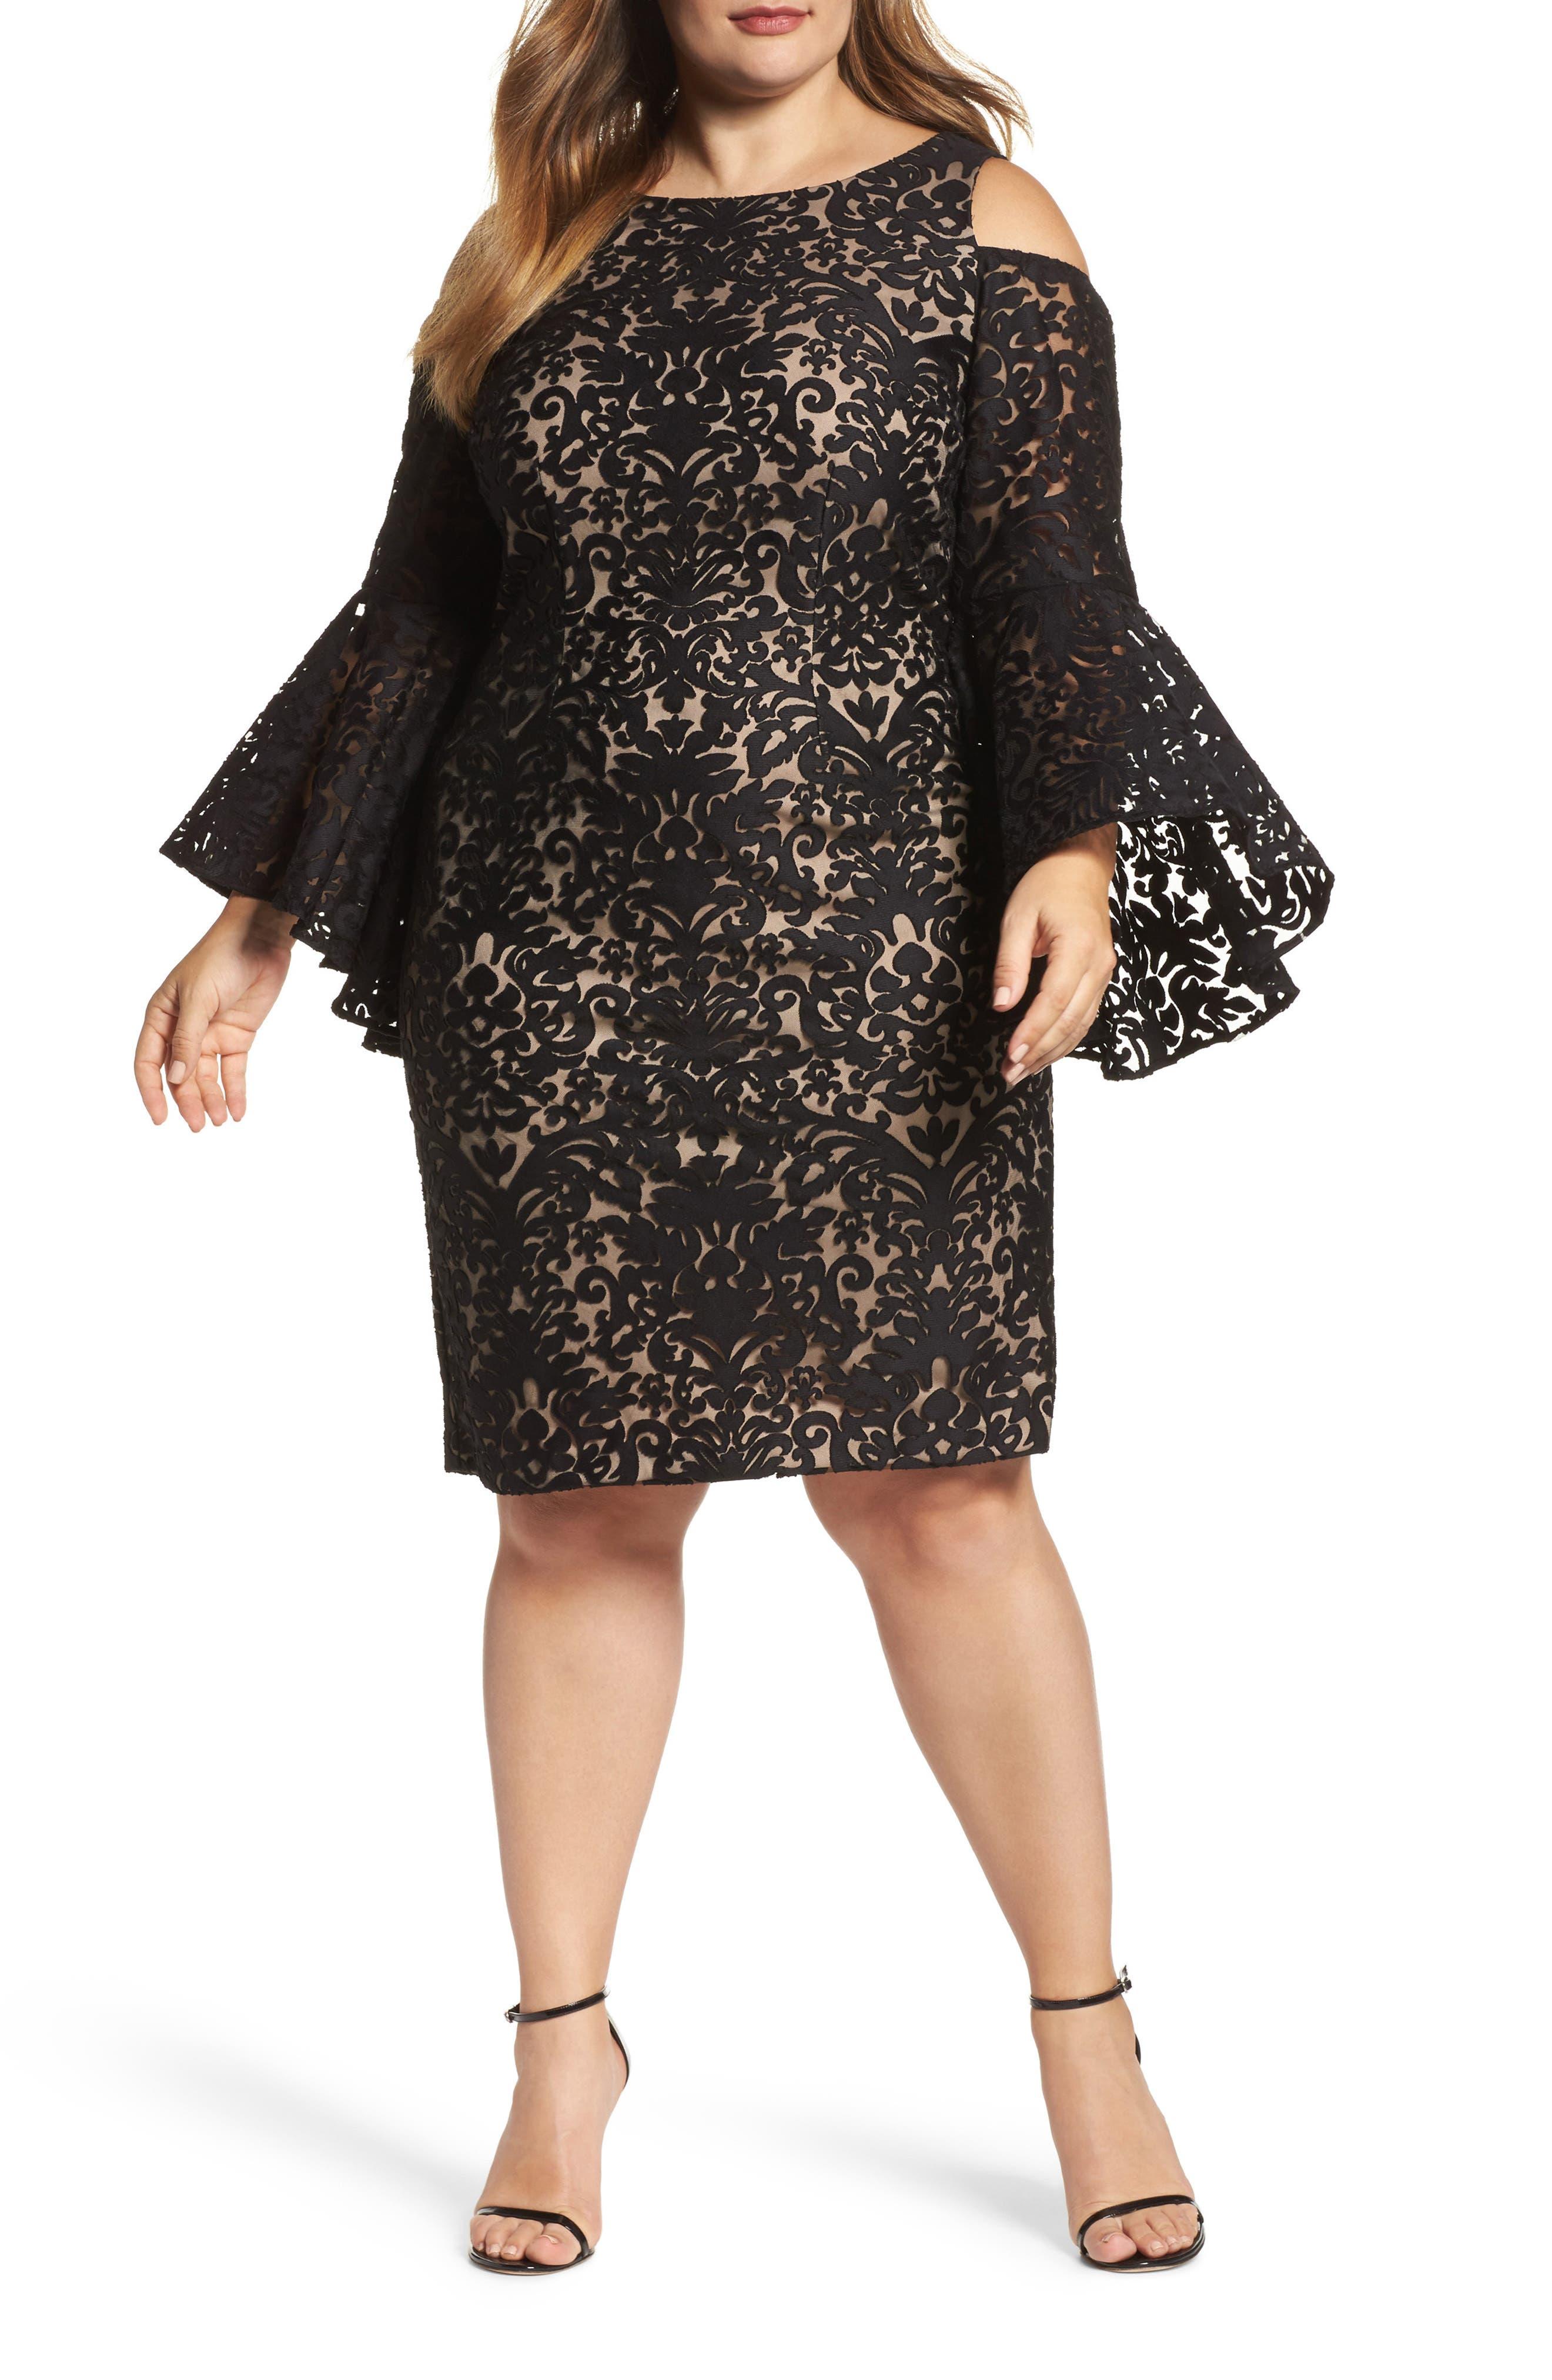 Plus size mesh cut out dresses